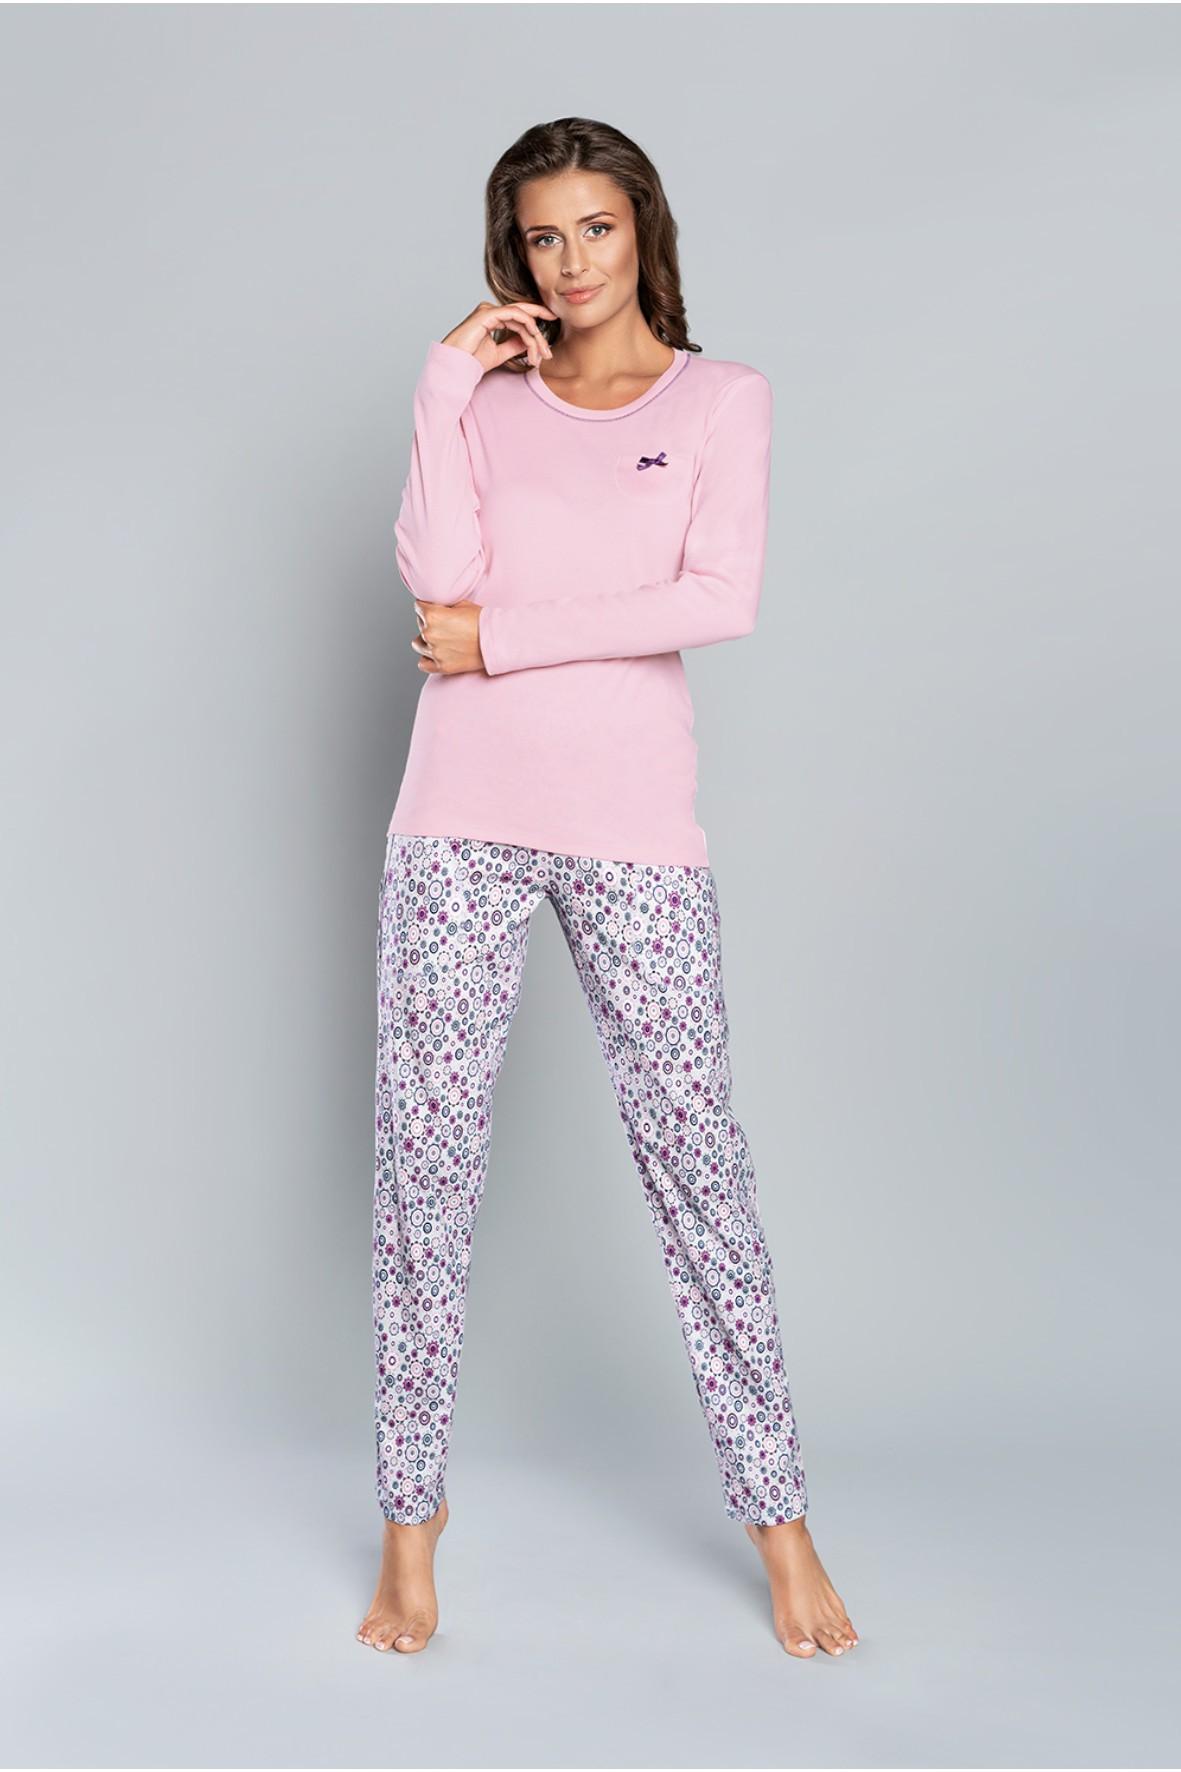 Piżama Lira długi rękaw, długie spodnie